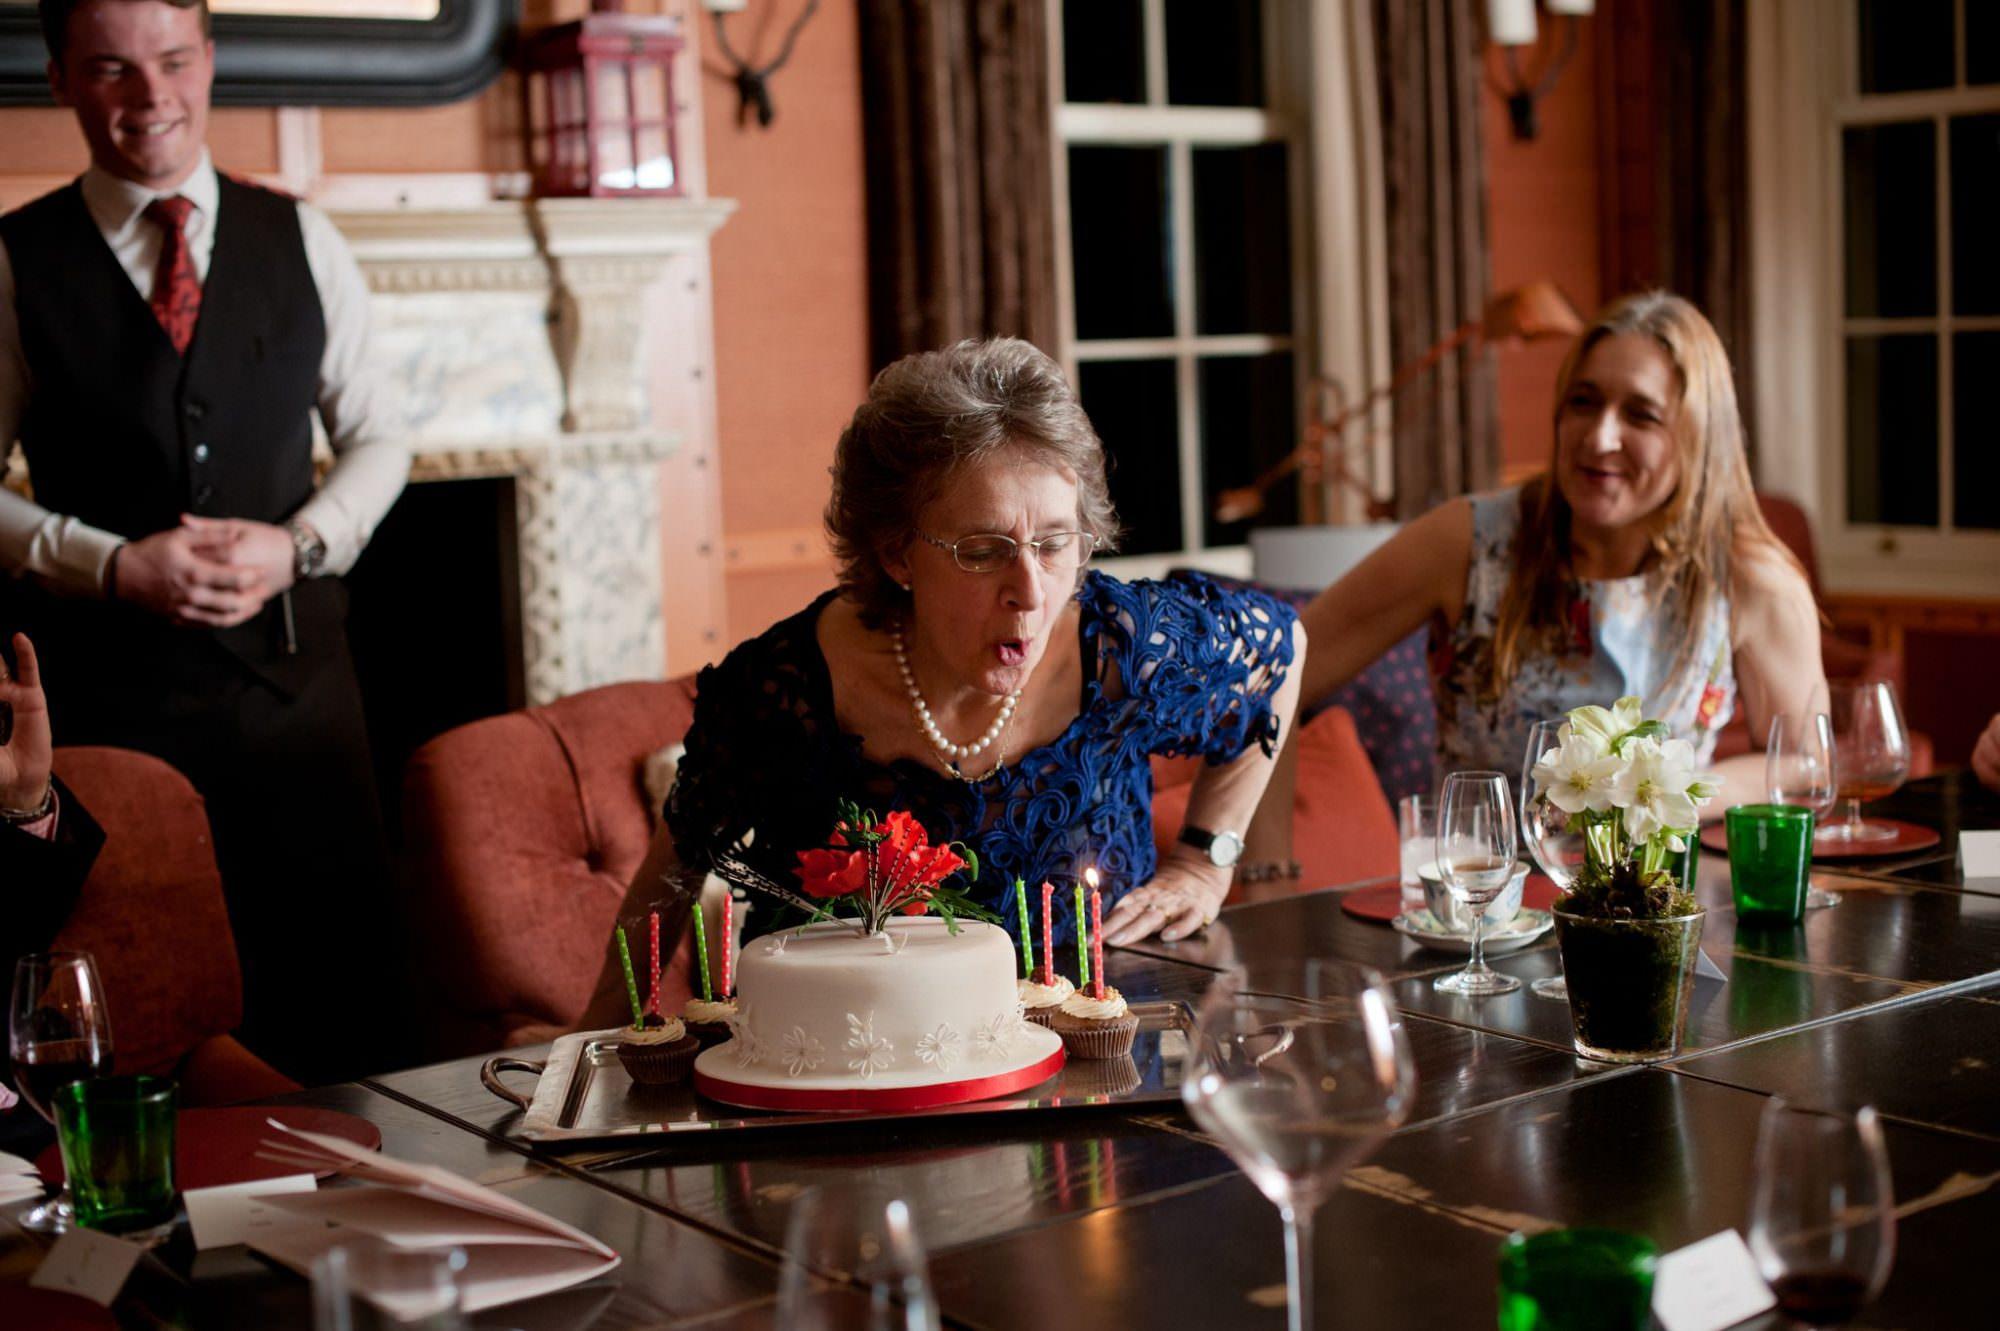 Dorset Hampshire Birthday Cake